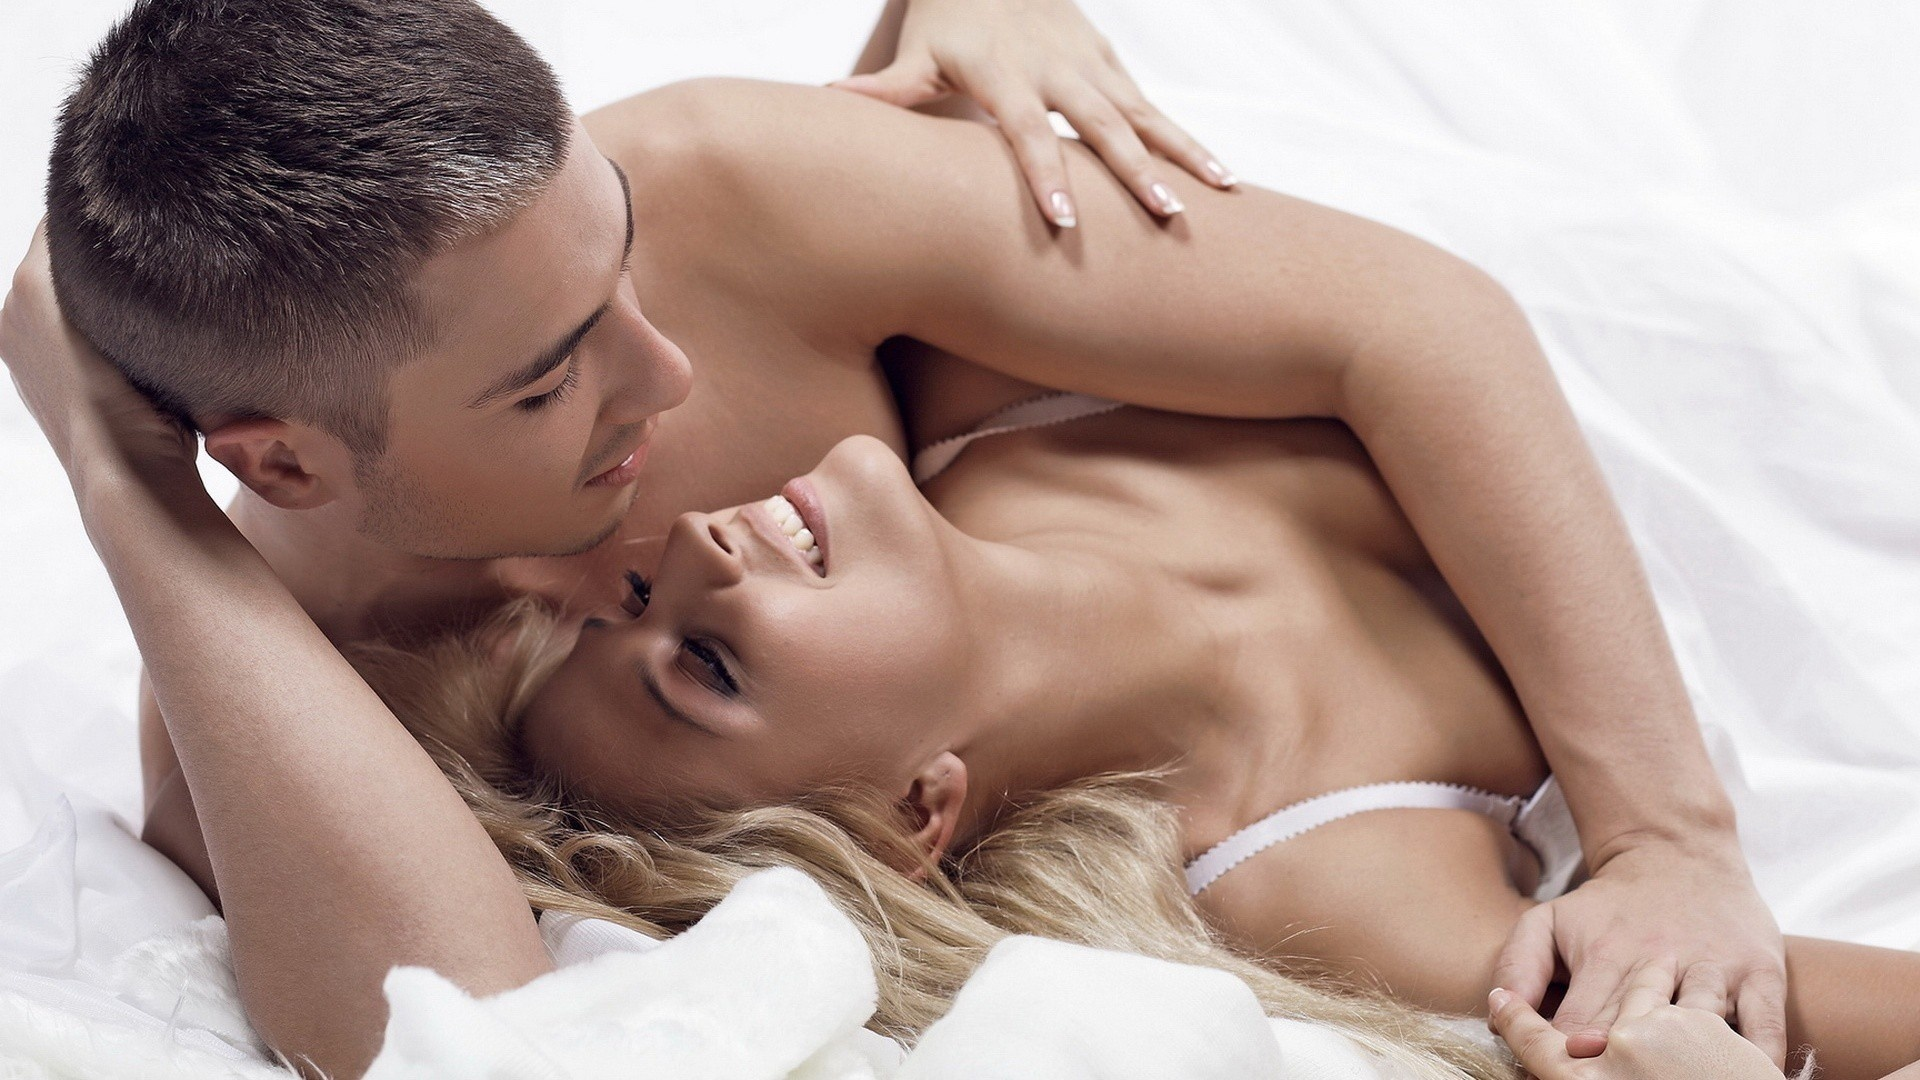 сексуальные фото женщины с мужчинами всем этим